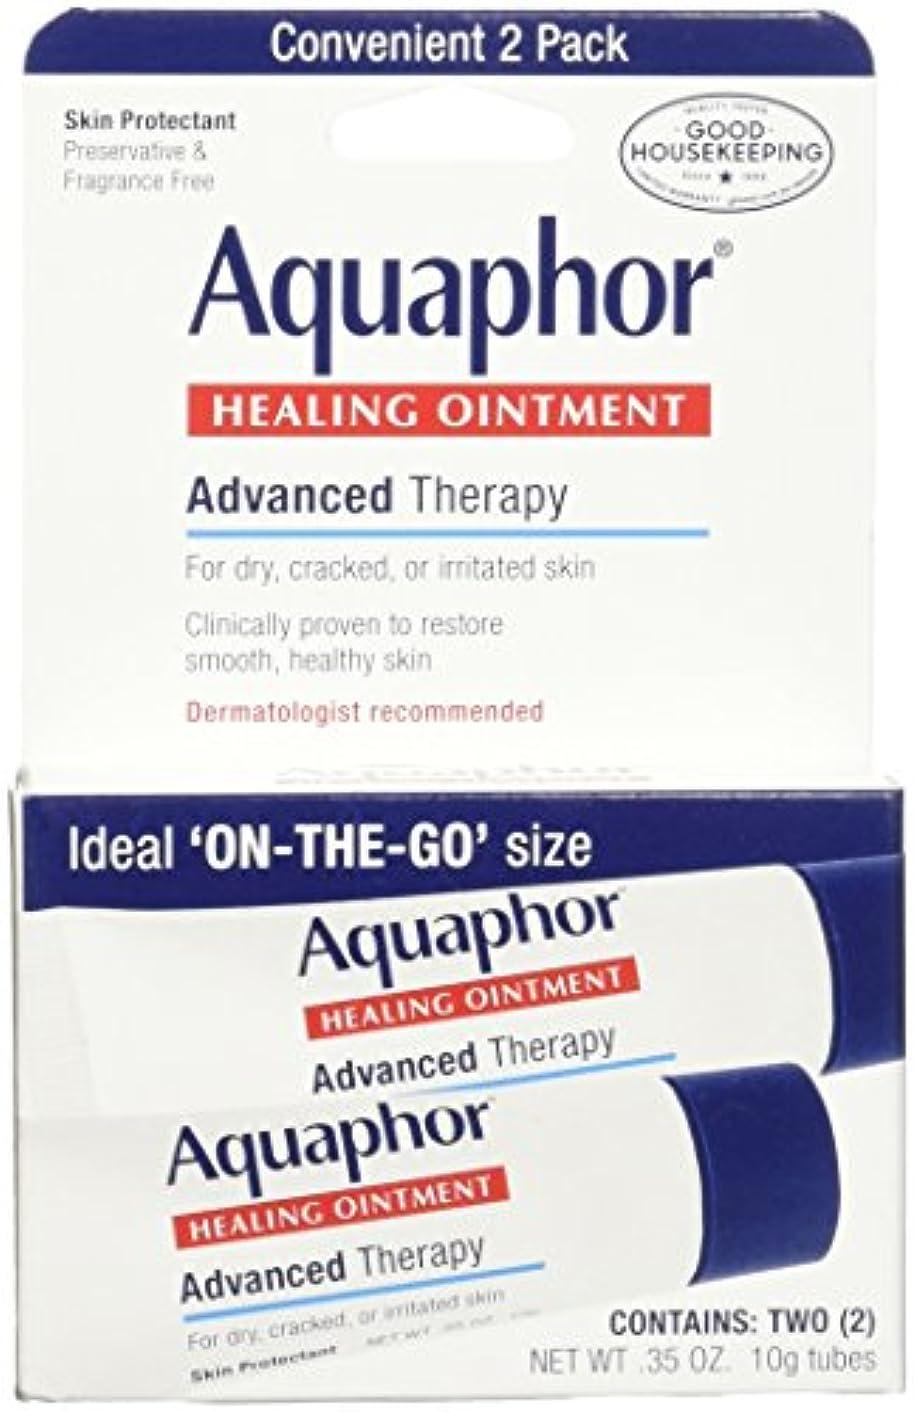 レトルトモナリザ時間とともに海外直送肘 Aquaphor Healing Ointment 2 Pack, 2/3.5 oz